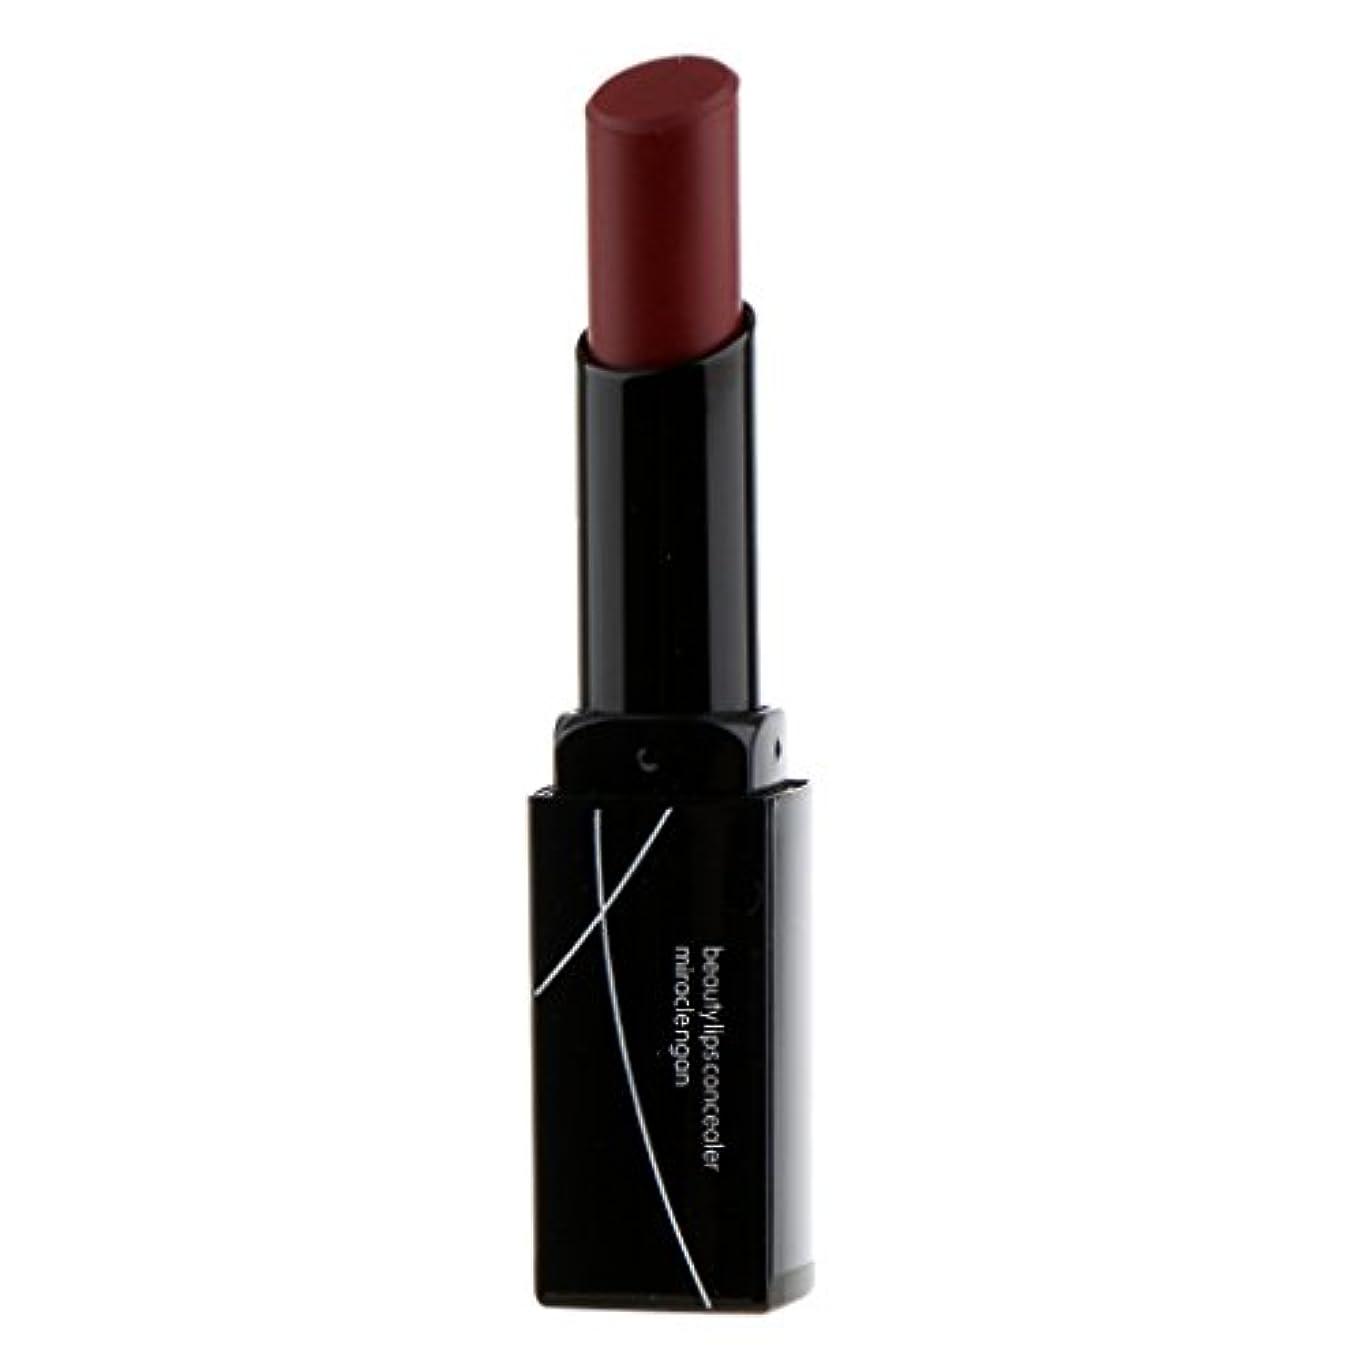 プリーツ申込みほこり女性マットベルベットヌード鉛筆口紅リップグロス防水永続的なメイク - 暗赤色